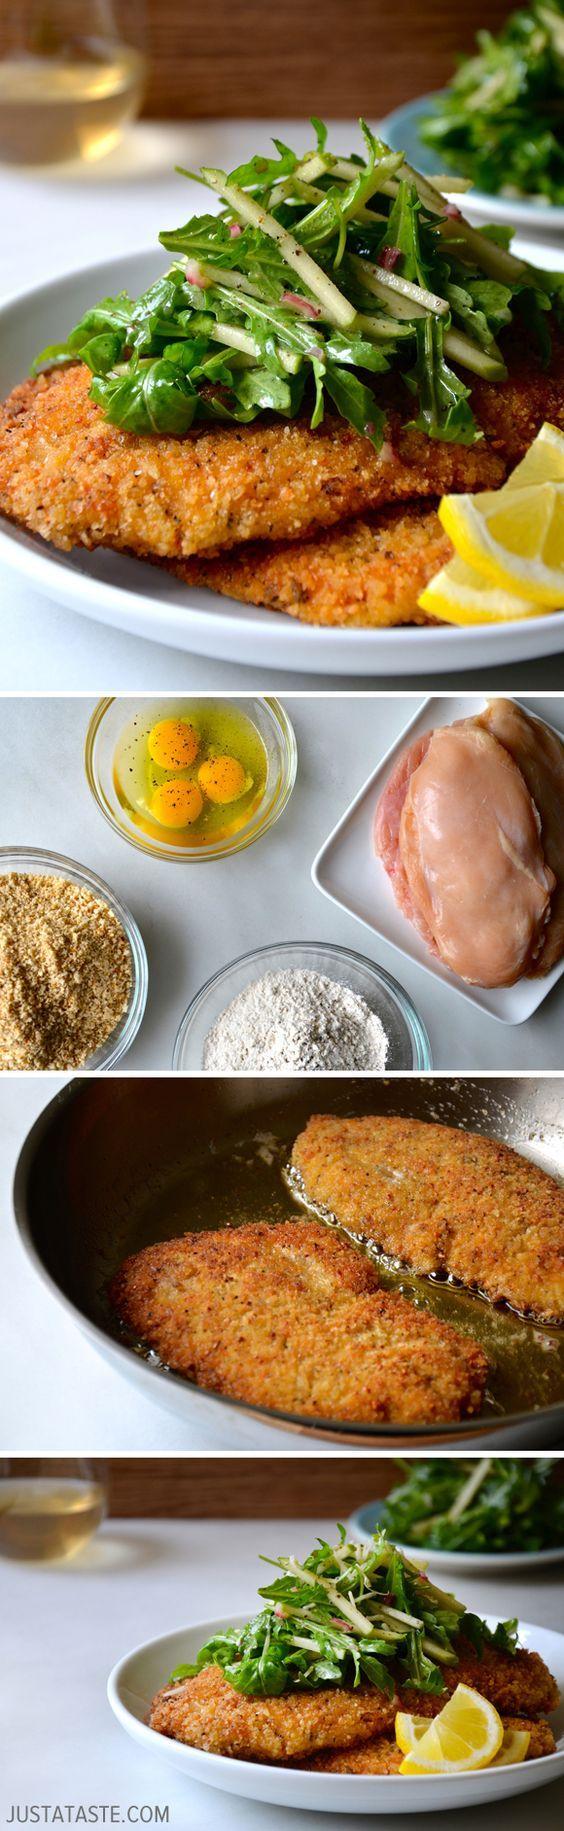 Chicken Milanese with Green Apple Salad #recipe #chicken